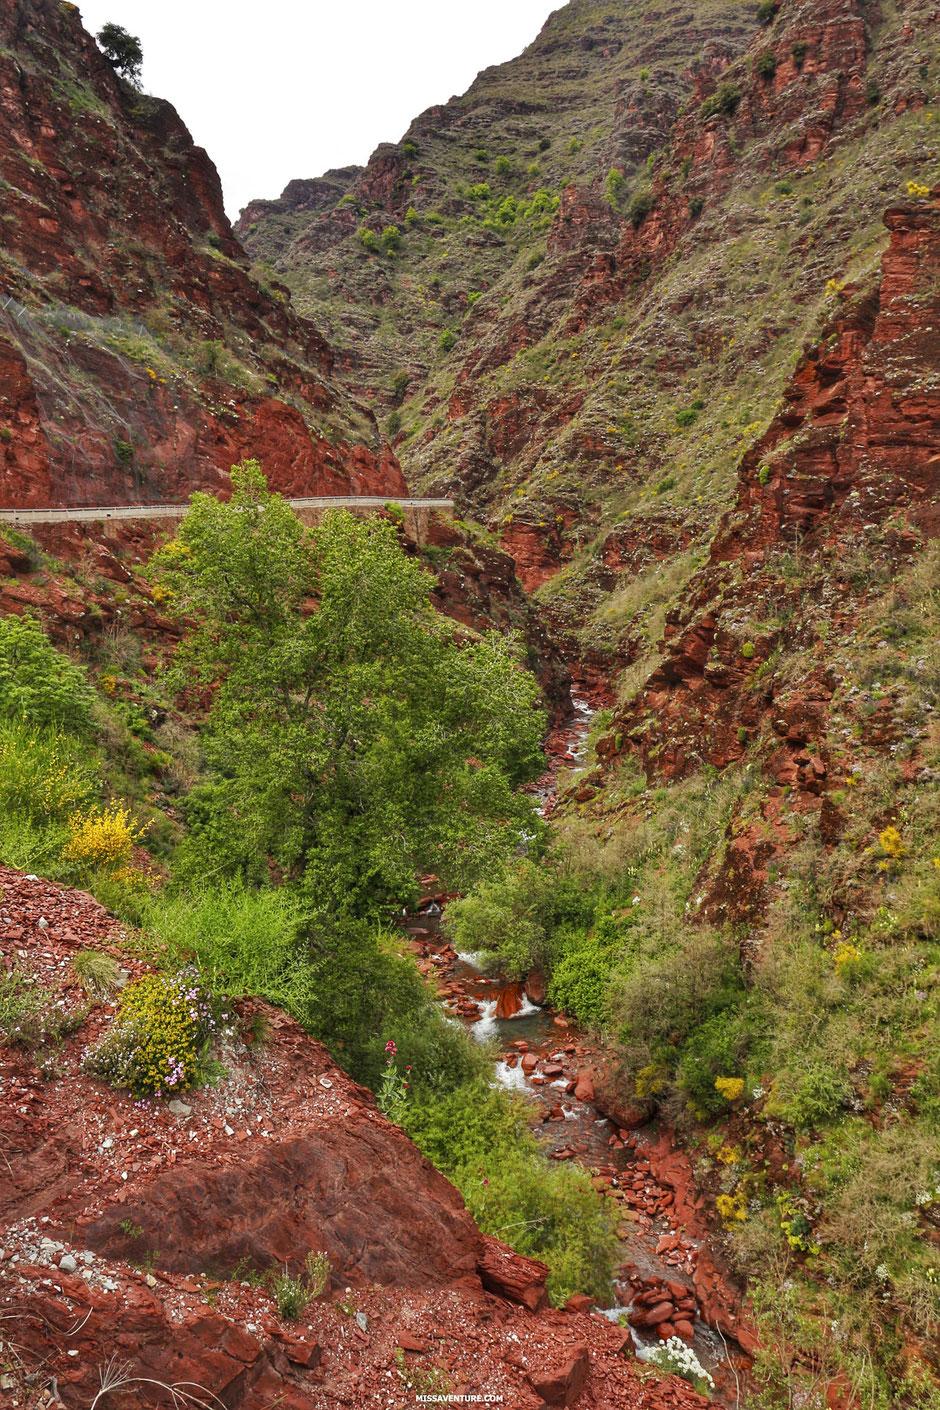 Road trip et bivouac dans le colorado niçois, LES GORGES DU CIANS  (FRANCE). www.missaventure.com blog d'aventures, nature et reflexions green.